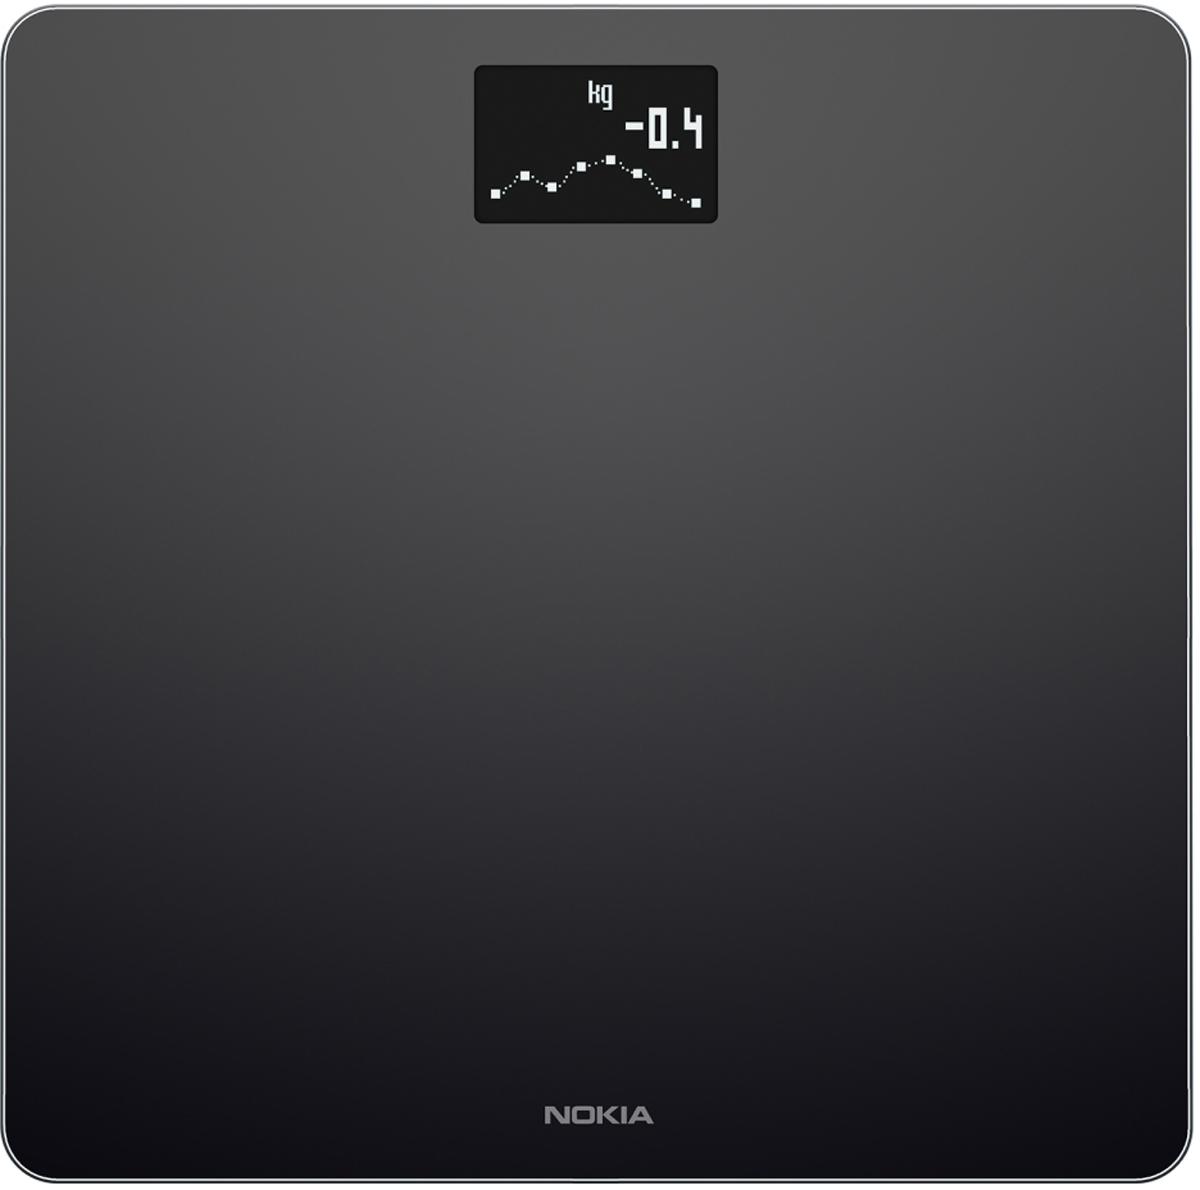 Nokia Body, Black весы напольные70251803Беспроводные весы Nokia Body - идеальный помощник для похудения. С помощью таких инструментов, как трендовые индикаторы и отслеживание питания, вы сможете ставить цели и добиваться их.Отслеживайте рост вашего ребенка. Следить за весом вашего ребенка просто – встаньте на весы, удерживая его на рукахКаждое взвешивание отображается в приложении Health Mate автоматически через Wi-Fi или Bluetooth. С вашей историей, доступной 24/7, вы можете видеть какие методики работают, продолжать движение в позитивном направлении и сосредоточиться на ваших целях.Отслеживание веса и ИМТУстановка целей, управление ежедневным бюджетом калорий с интегрированным отслеживанием питанияЛучшая в своем классе точностьДля всей семьи - распознает и отслеживает до 8 пользователей, включая детейАвтоматическая синхронизация с вашим смартфоном через Wi-Fi или Bluetooth